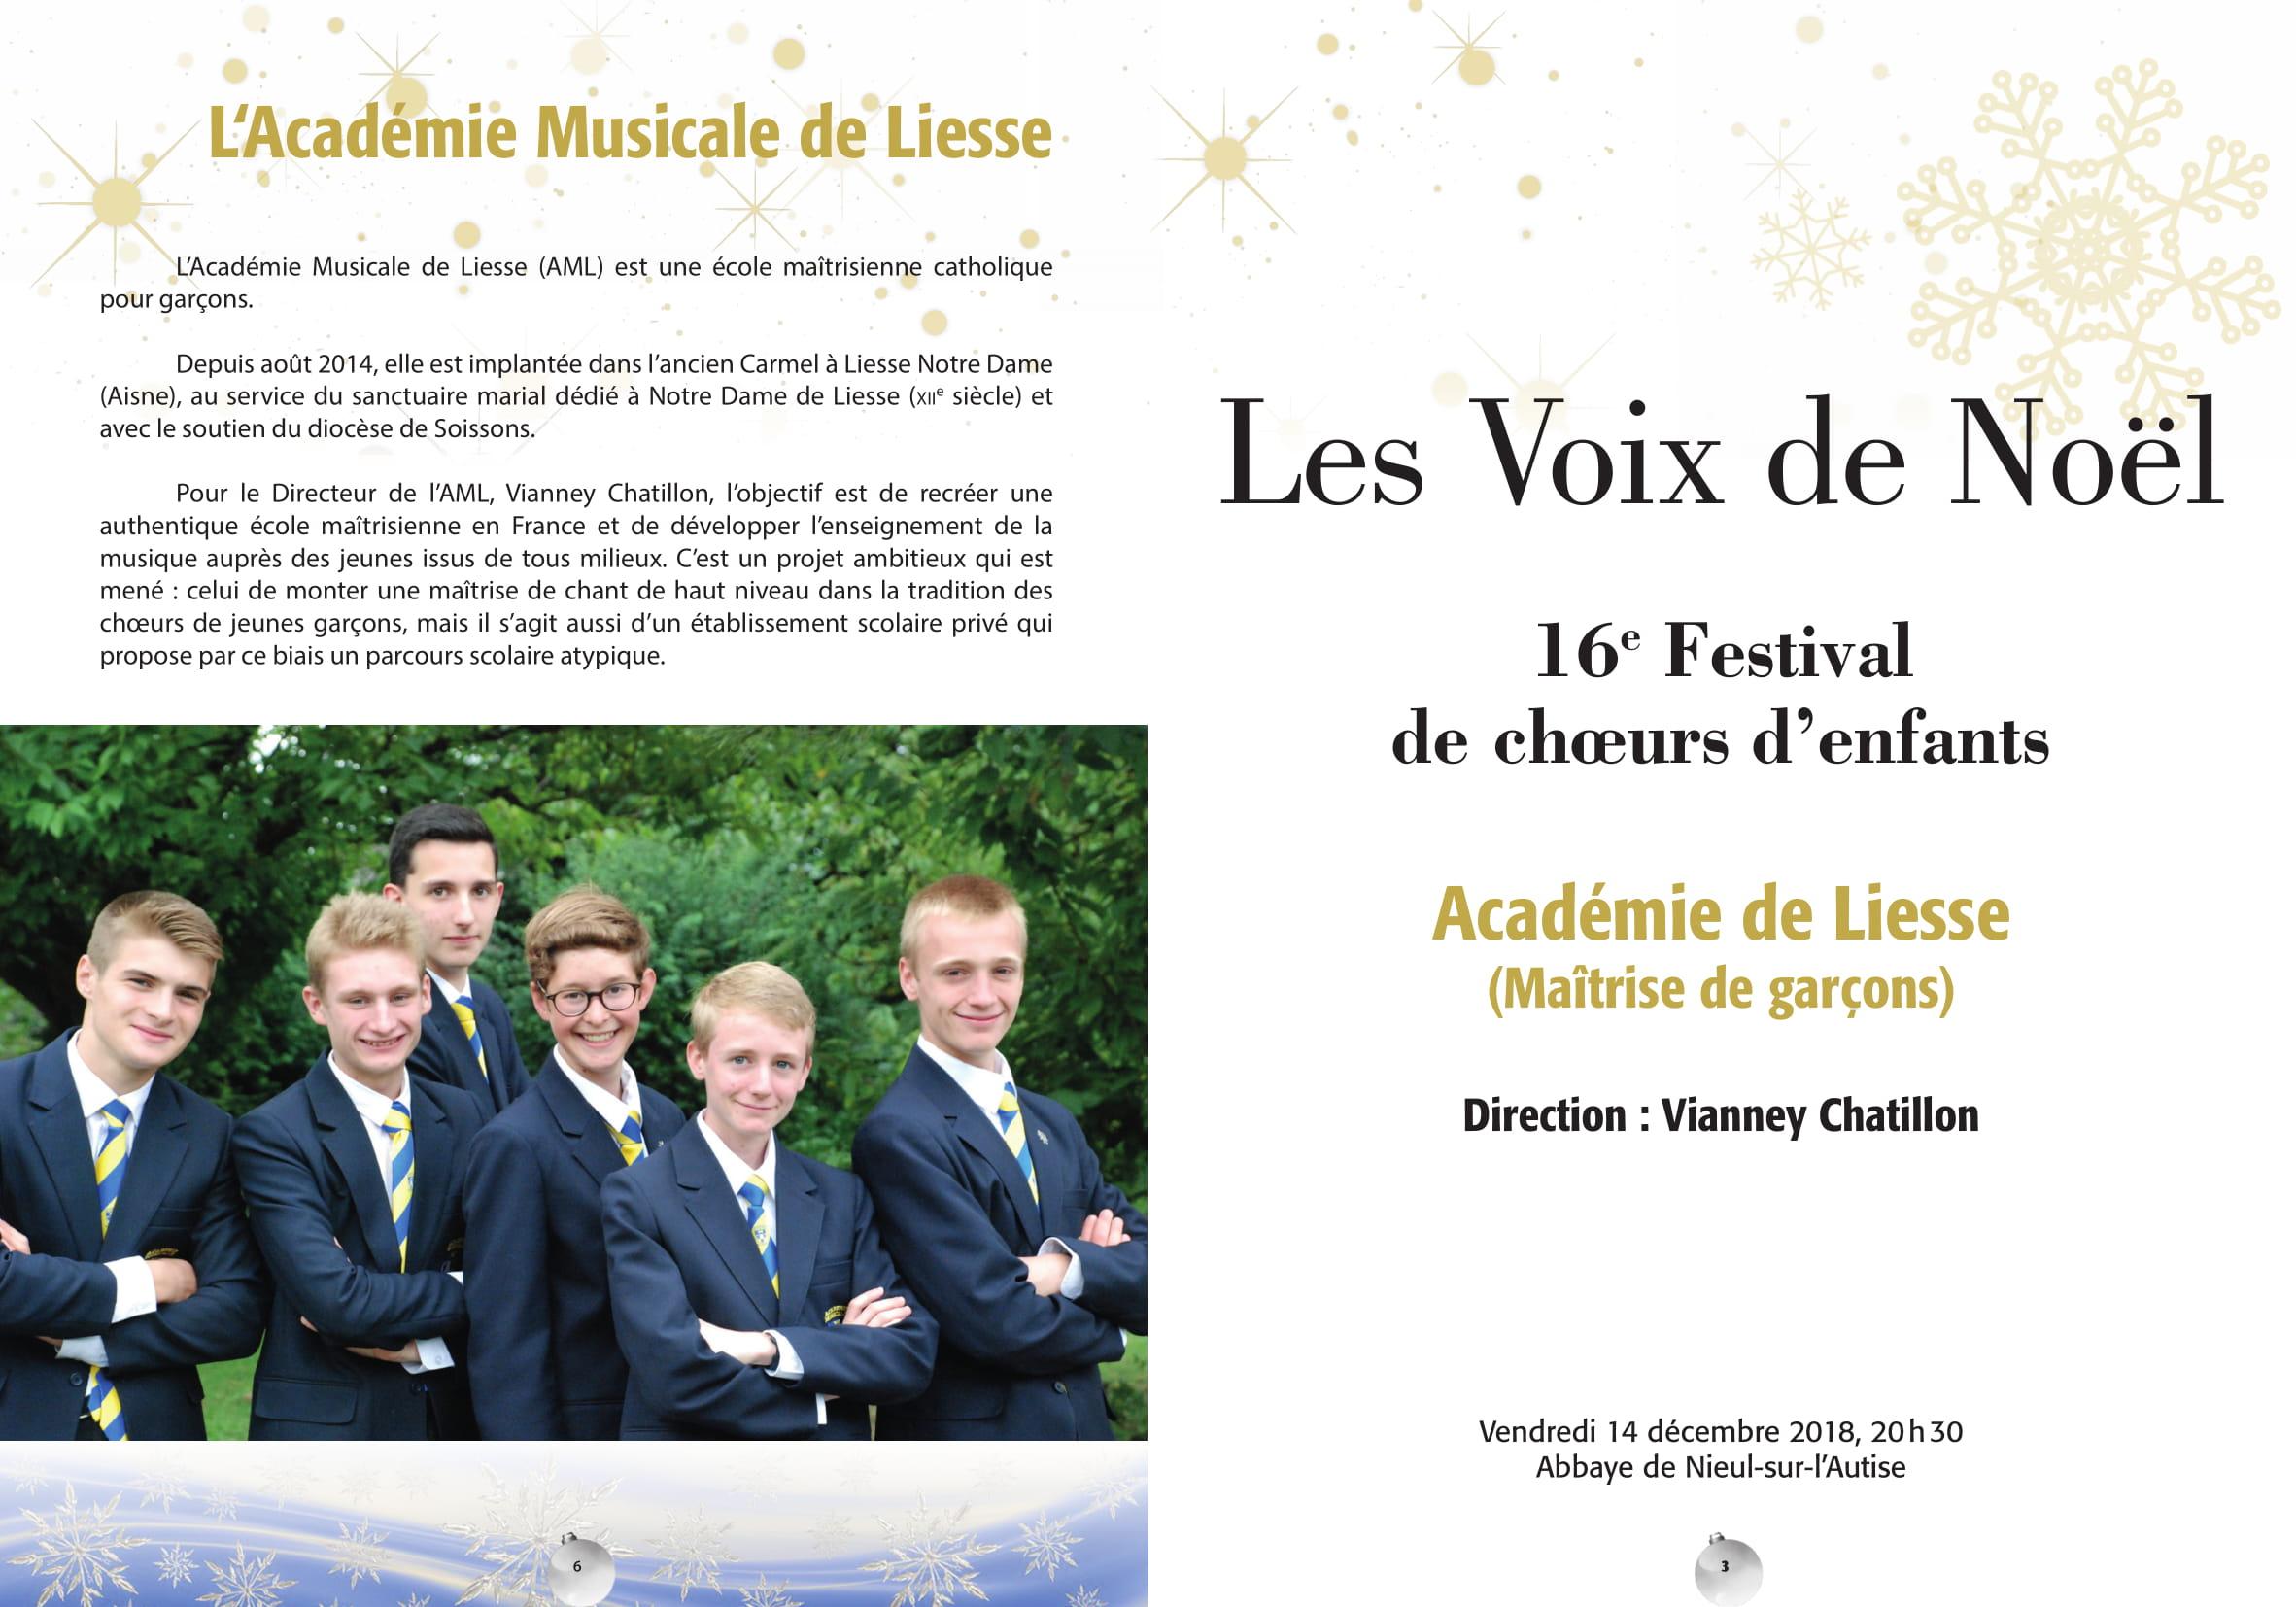 Festival Nieul sur l'Autise (85) – 14 décembre 2018 – Académie Musicale de Liesse